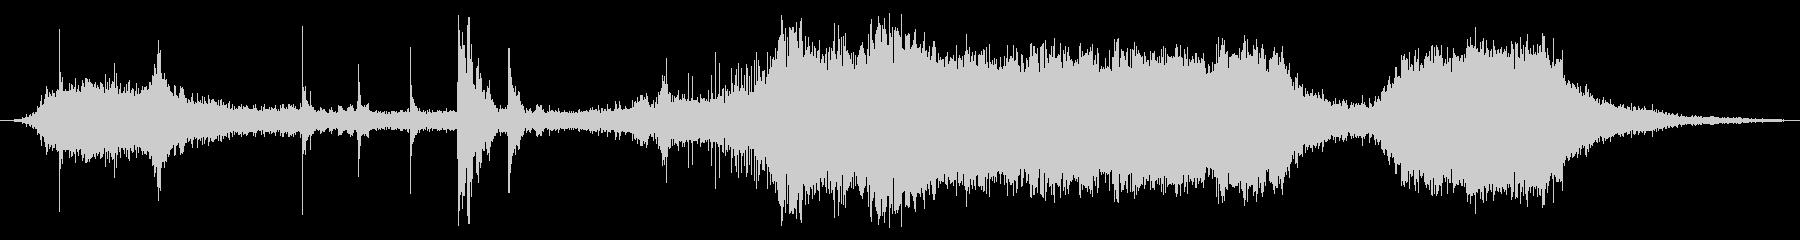 ガスチェーンソー:ショートカット、...の未再生の波形